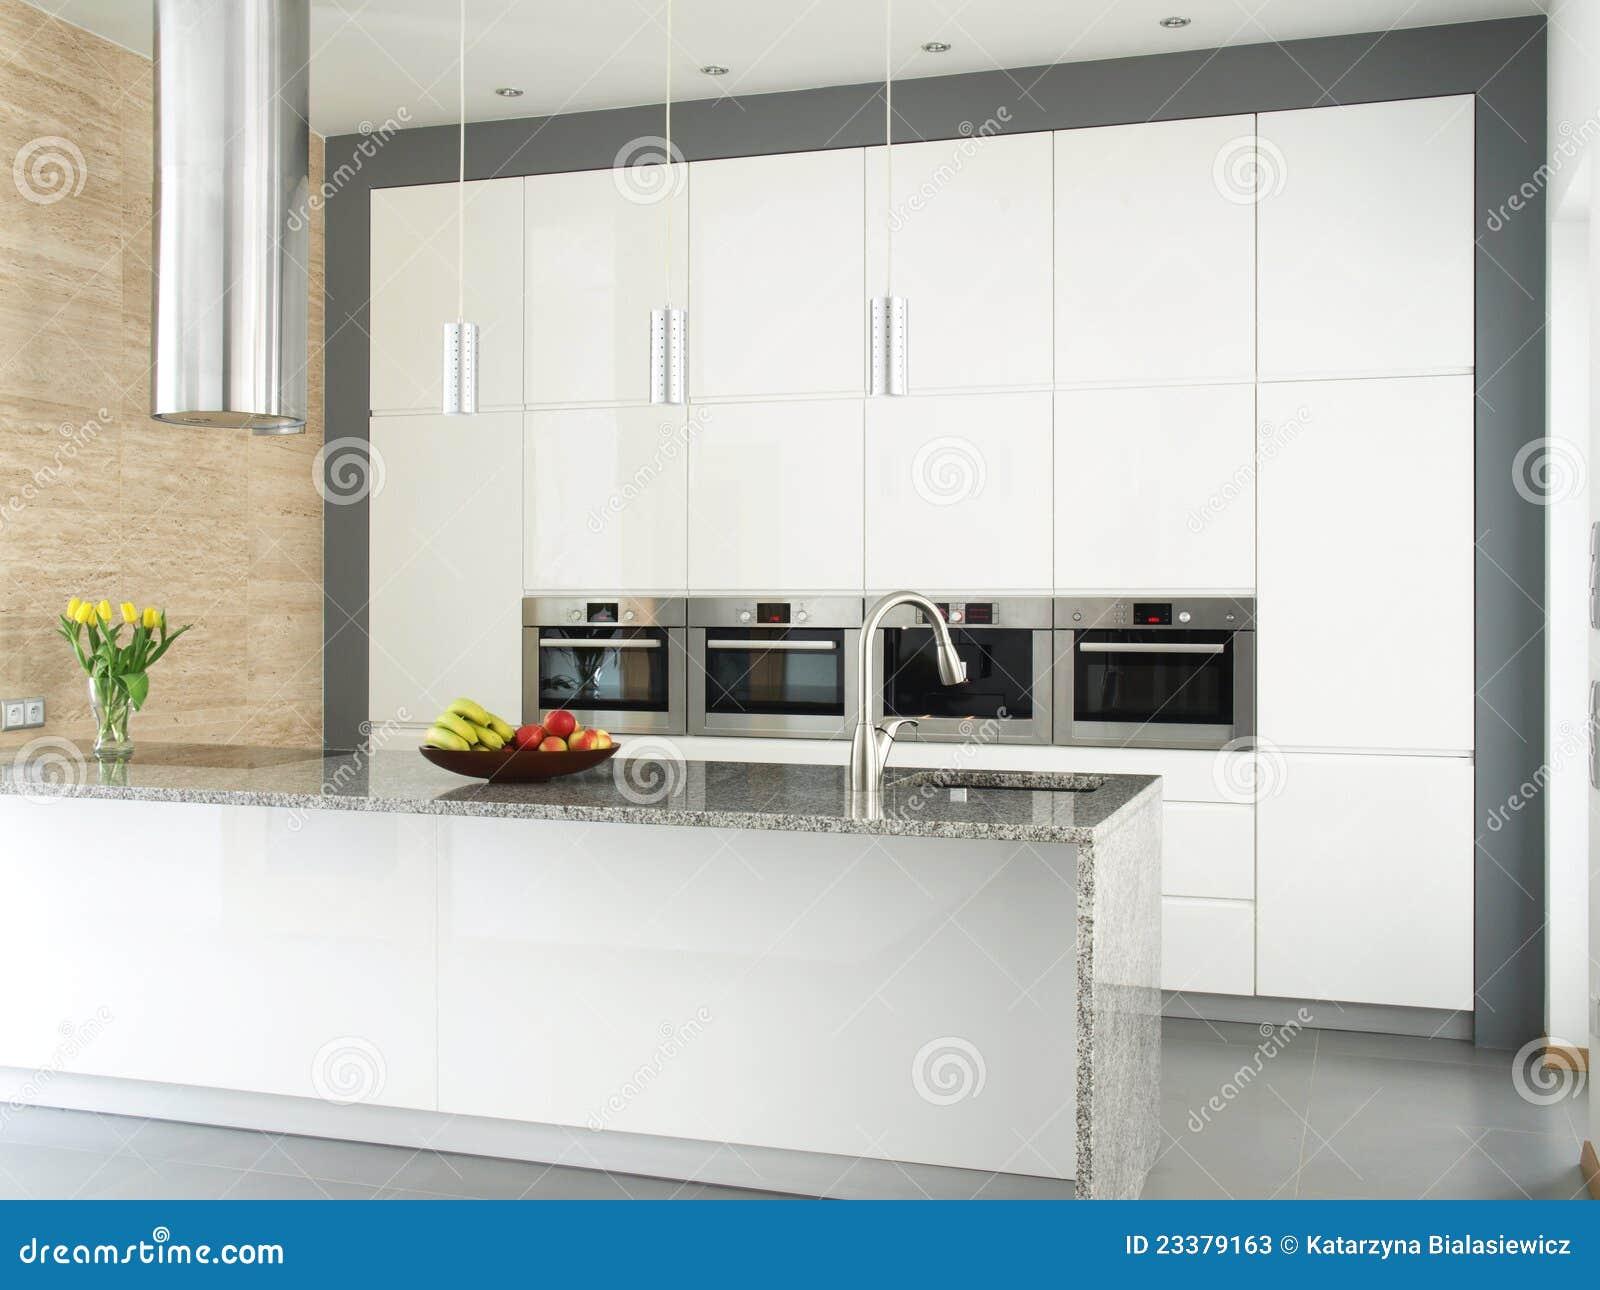 Cucina pareti grigie : cucina con pareti grigie. pareti cucina ...